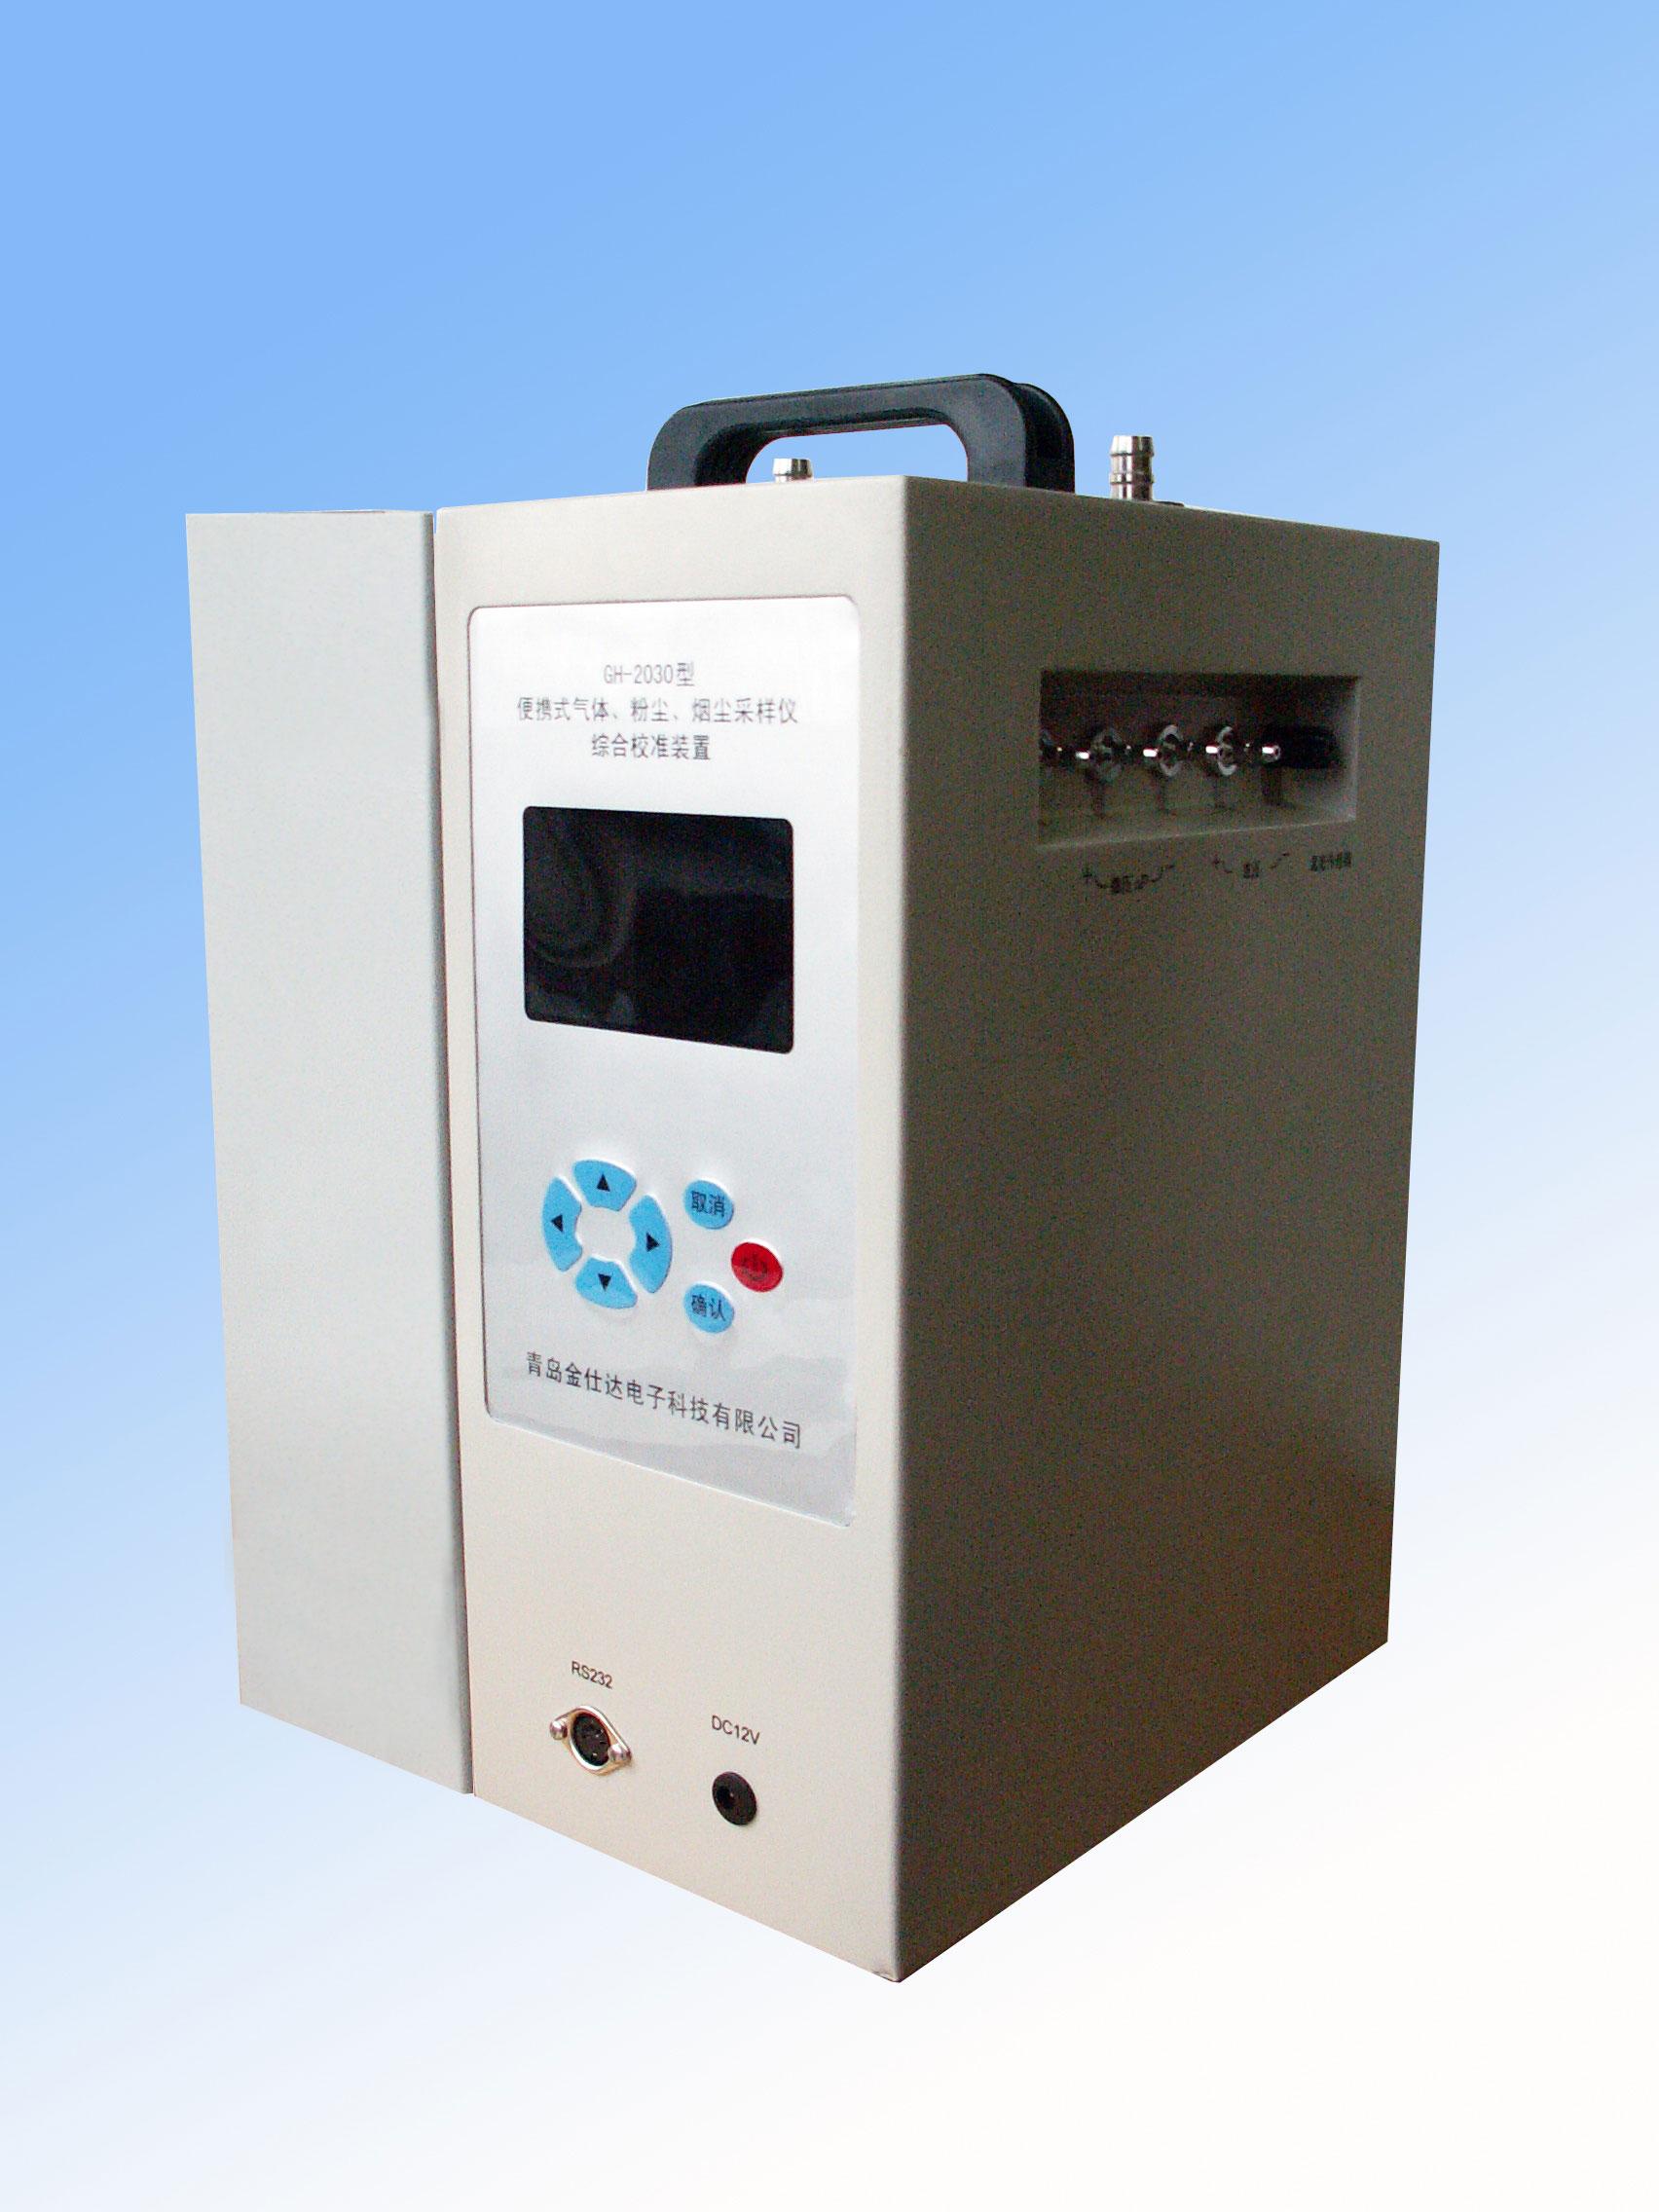 GH-2030型便携式综合校准仪